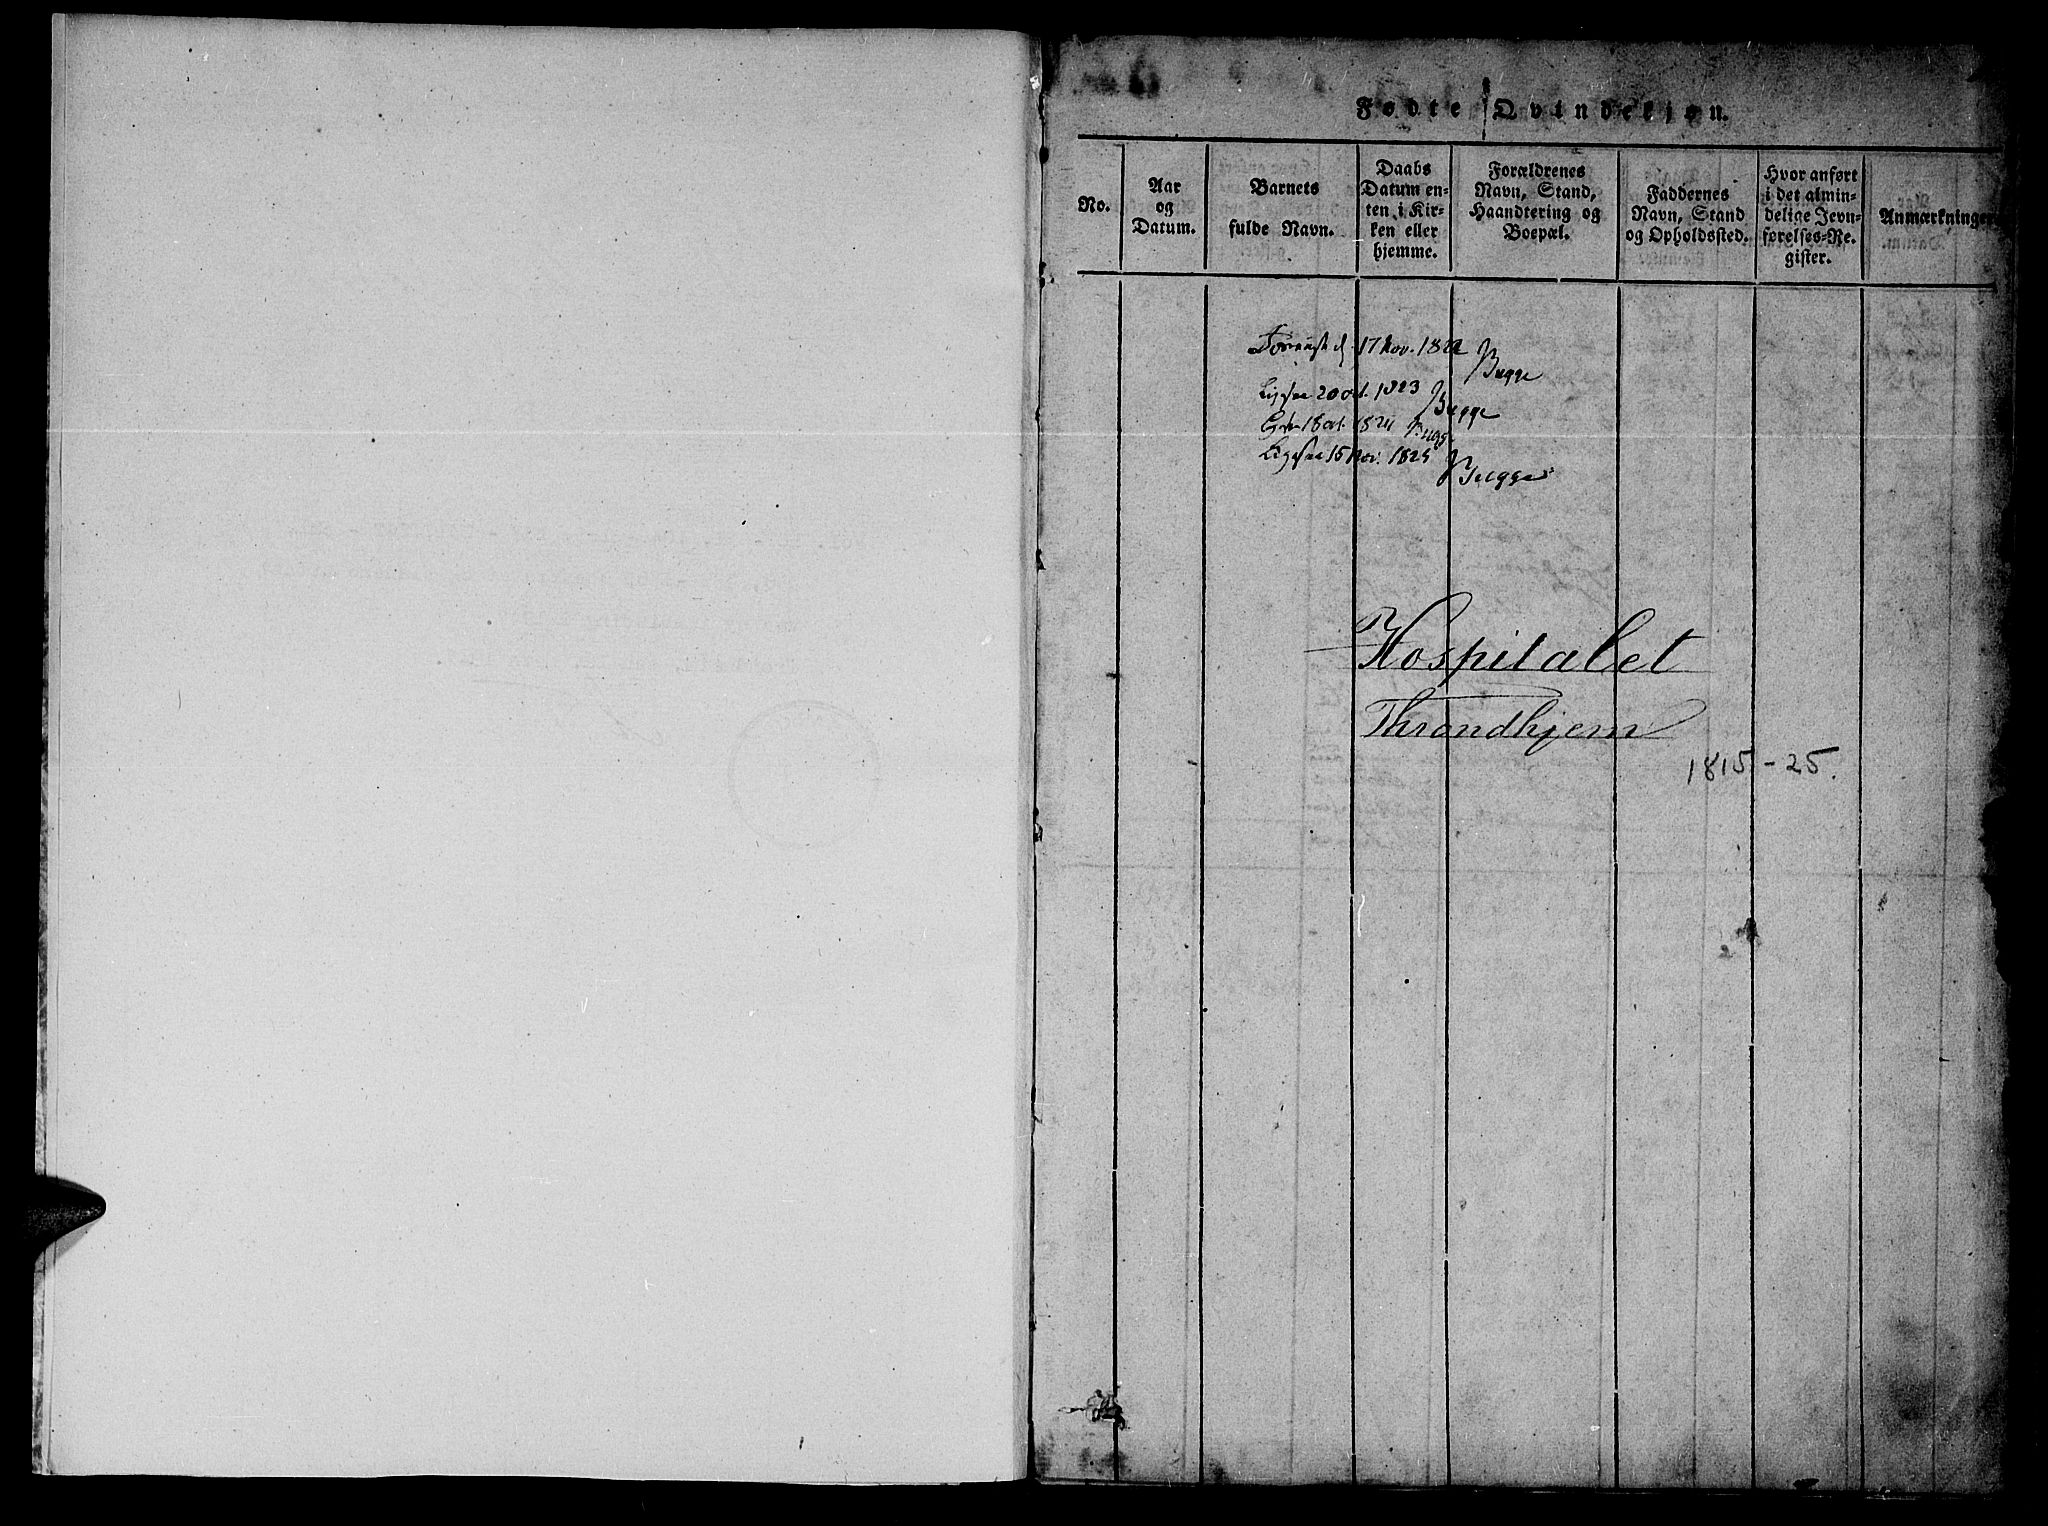 SAT, Ministerialprotokoller, klokkerbøker og fødselsregistre - Sør-Trøndelag, 623/L0467: Ministerialbok nr. 623A01, 1815-1825, s. 1